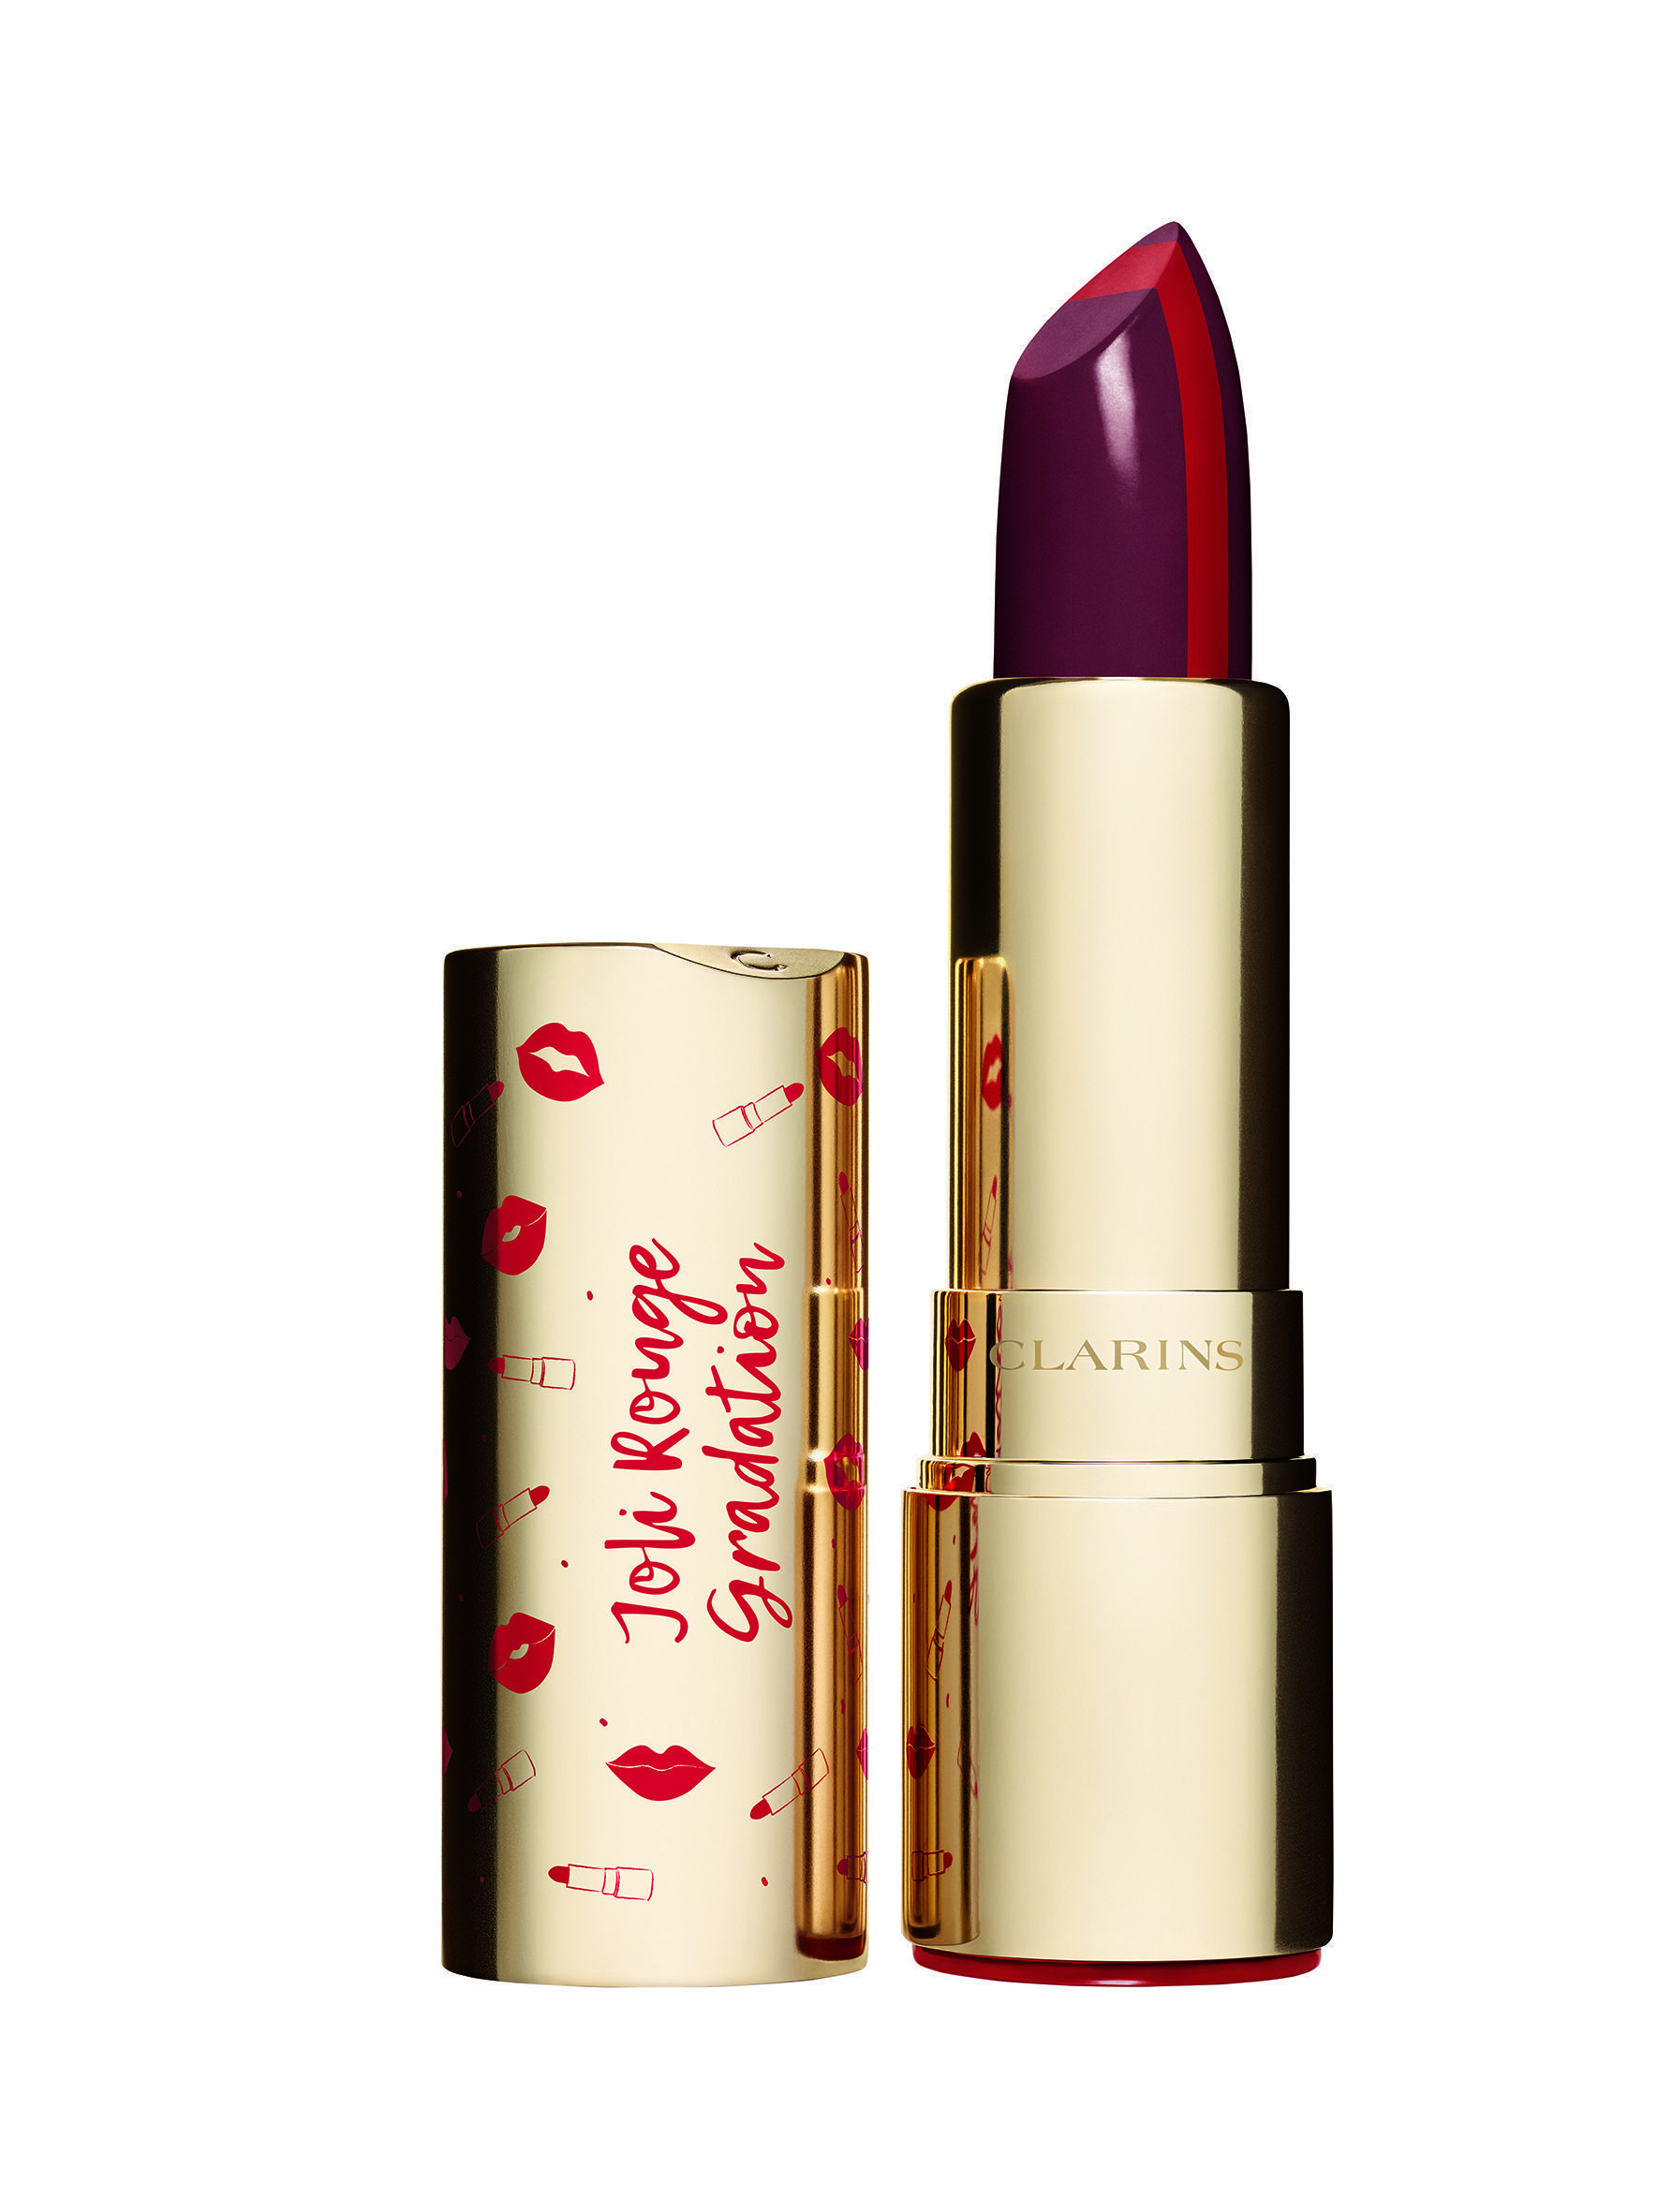 jolie rouge gradation nueva colección de maquillaje de Clarins